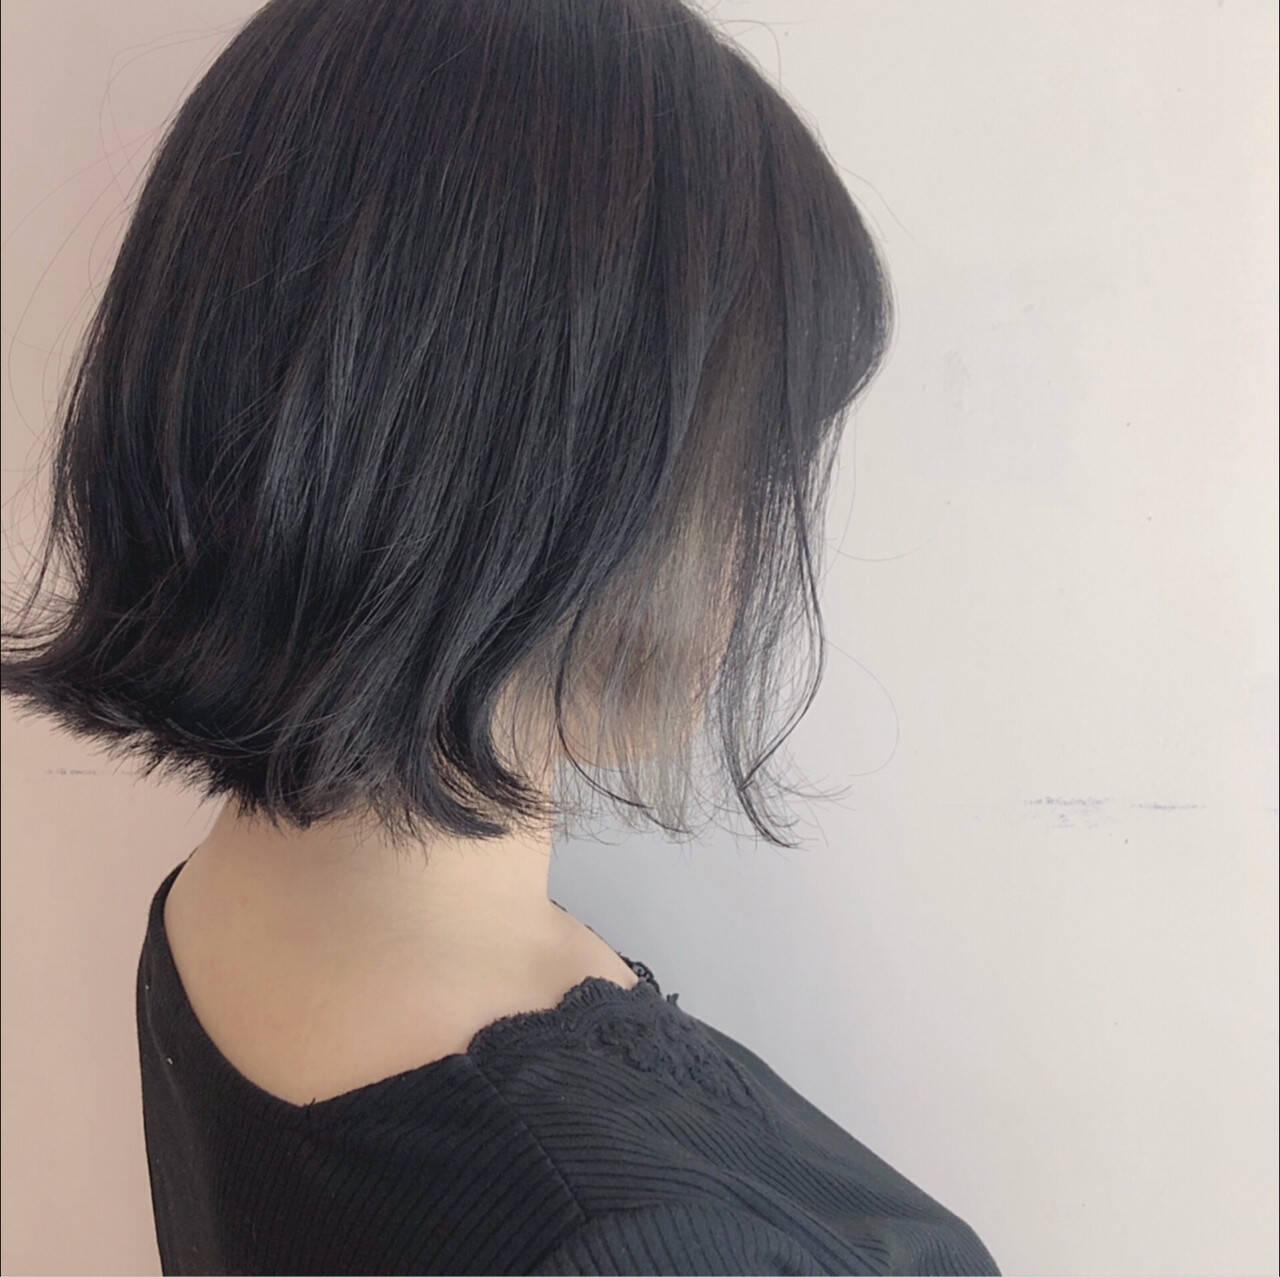 ブラントカット ボブ ナチュラル グレーヘアスタイルや髪型の写真・画像